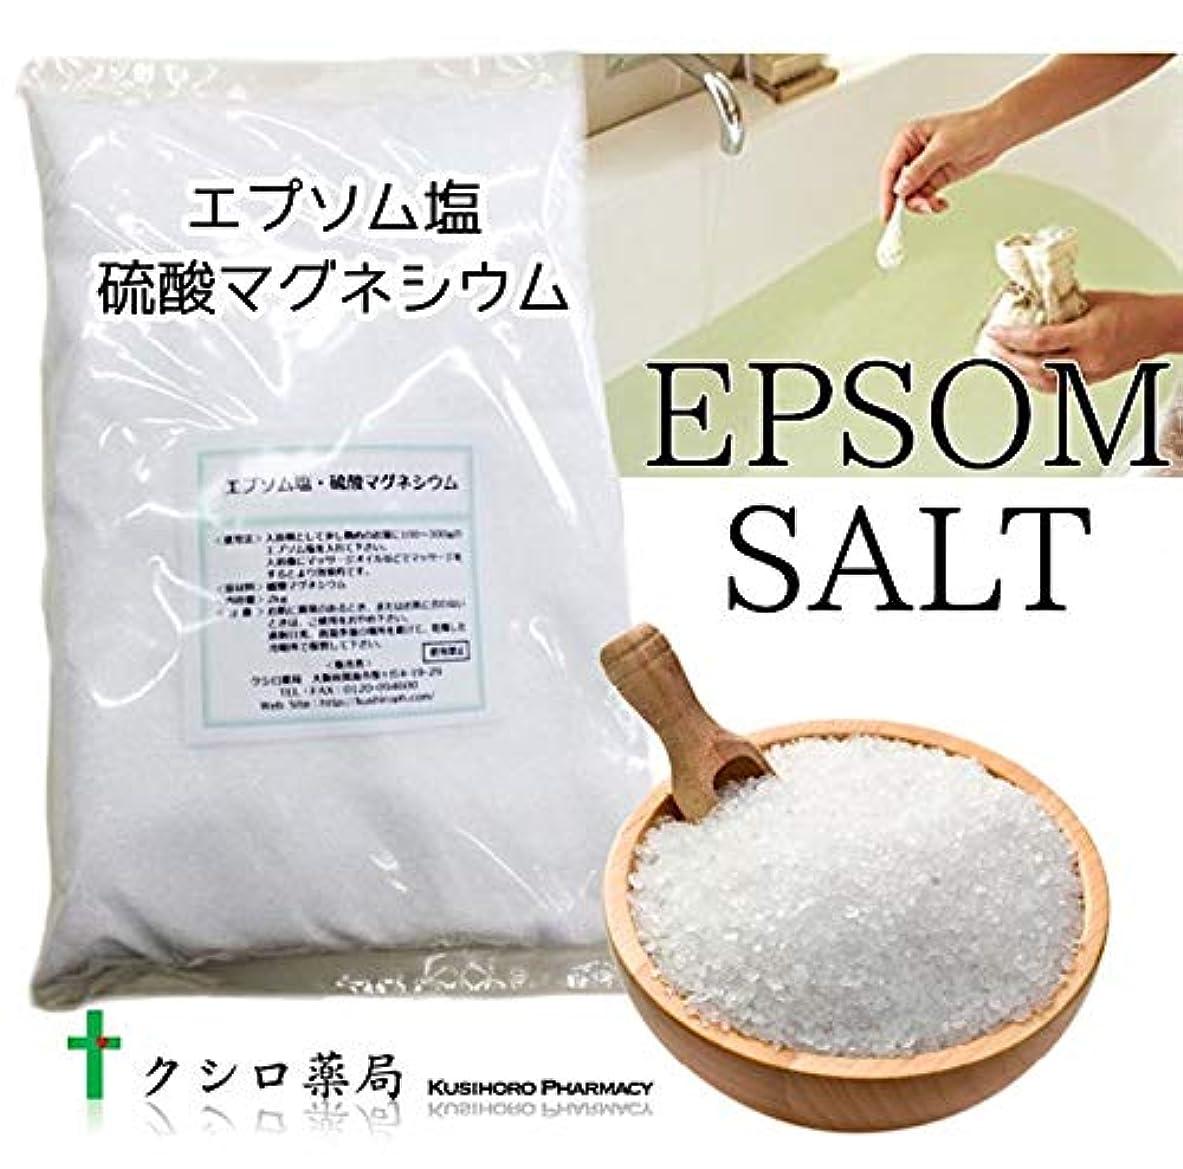 未使用クリスチャン記念碑的なエプソム塩?硫酸マグネシウム 2kg 【クシロ薬局エプソム塩?硫酸マグネシウム Epsom Salt】 (5袋)